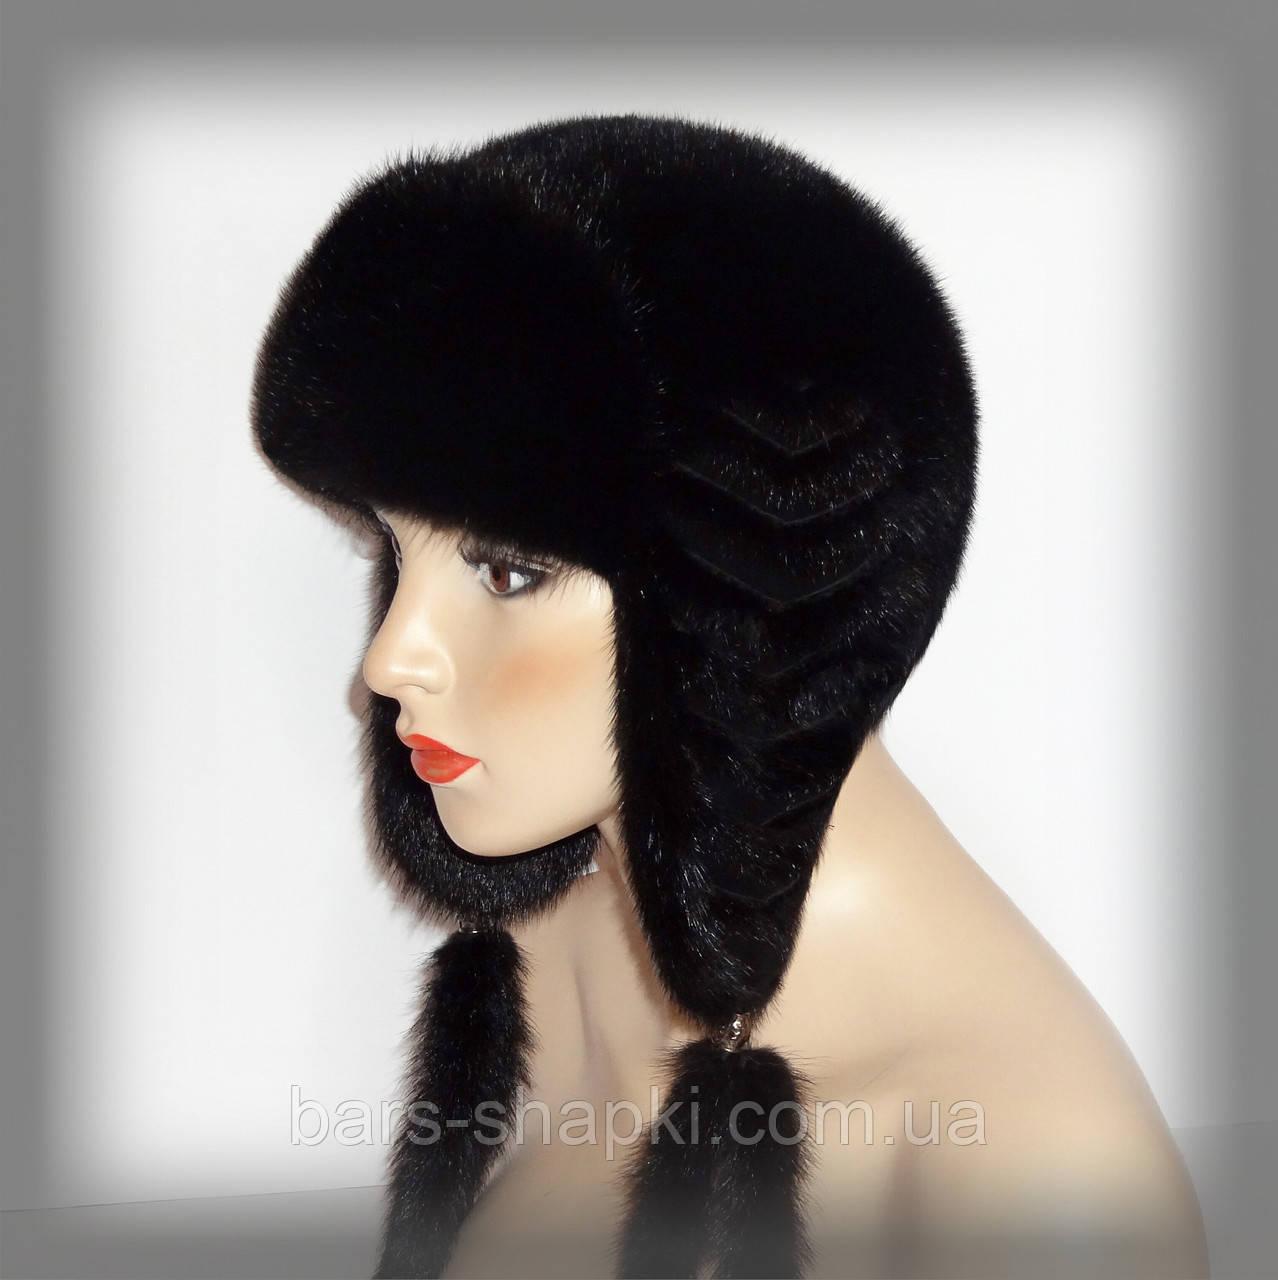 Шапка-ушанка женская из норки от интернет-магазина зимних головных уборов и  ... 6bb755f678595